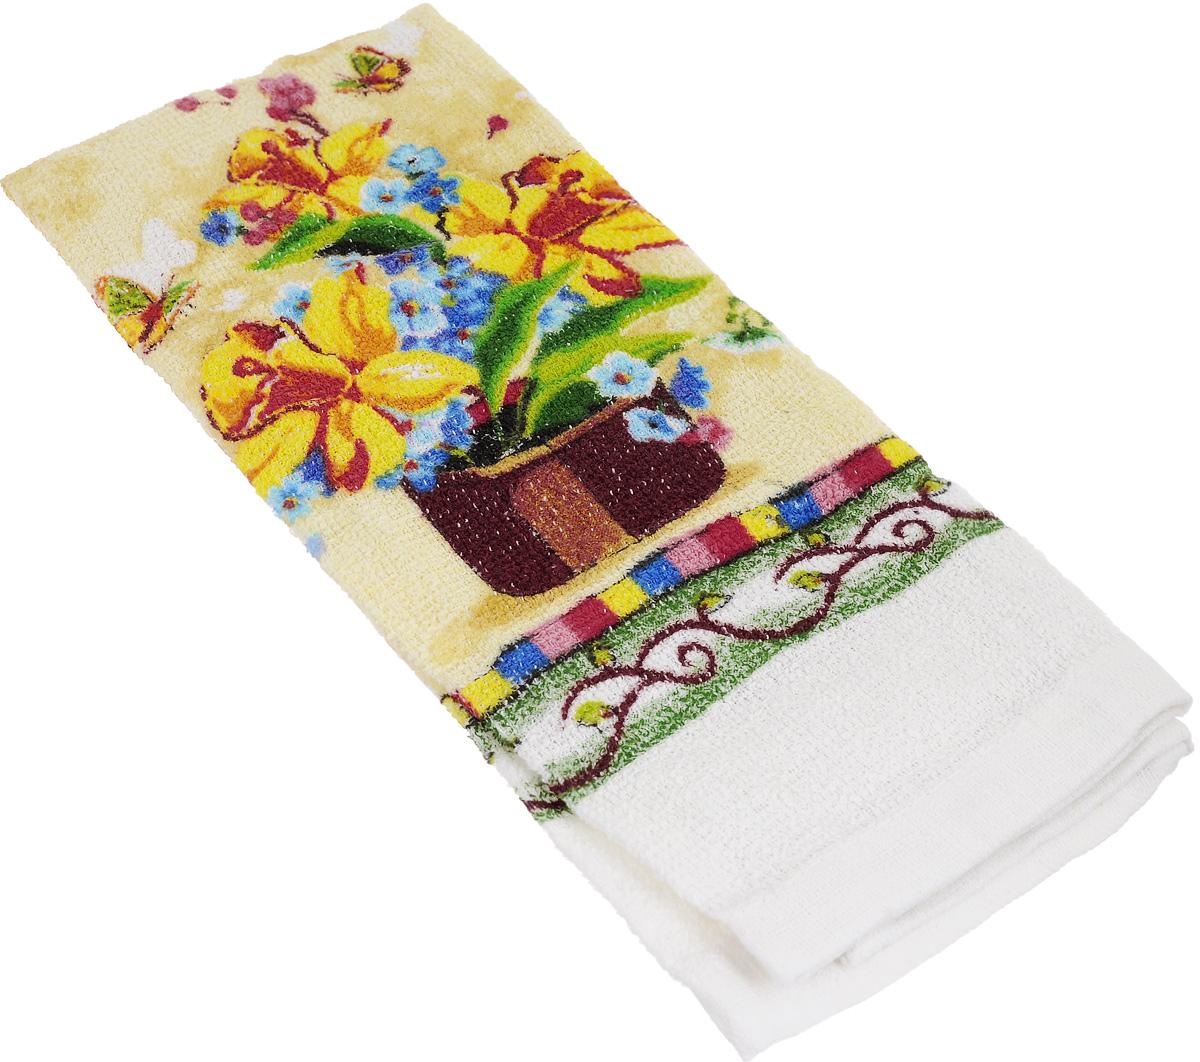 Полотенце кухонное Home Queen Нарциссы, 38 х 64 см53498_нарциссыКухонное полотенце Home Queen Нарциссы, выполненное из 100% хлопка, оформлено ярким рисунком. Изделие предназначено для использования на кухне и в столовой. Такое полотенце станет отличным вариантом для практичной и современной хозяйки.